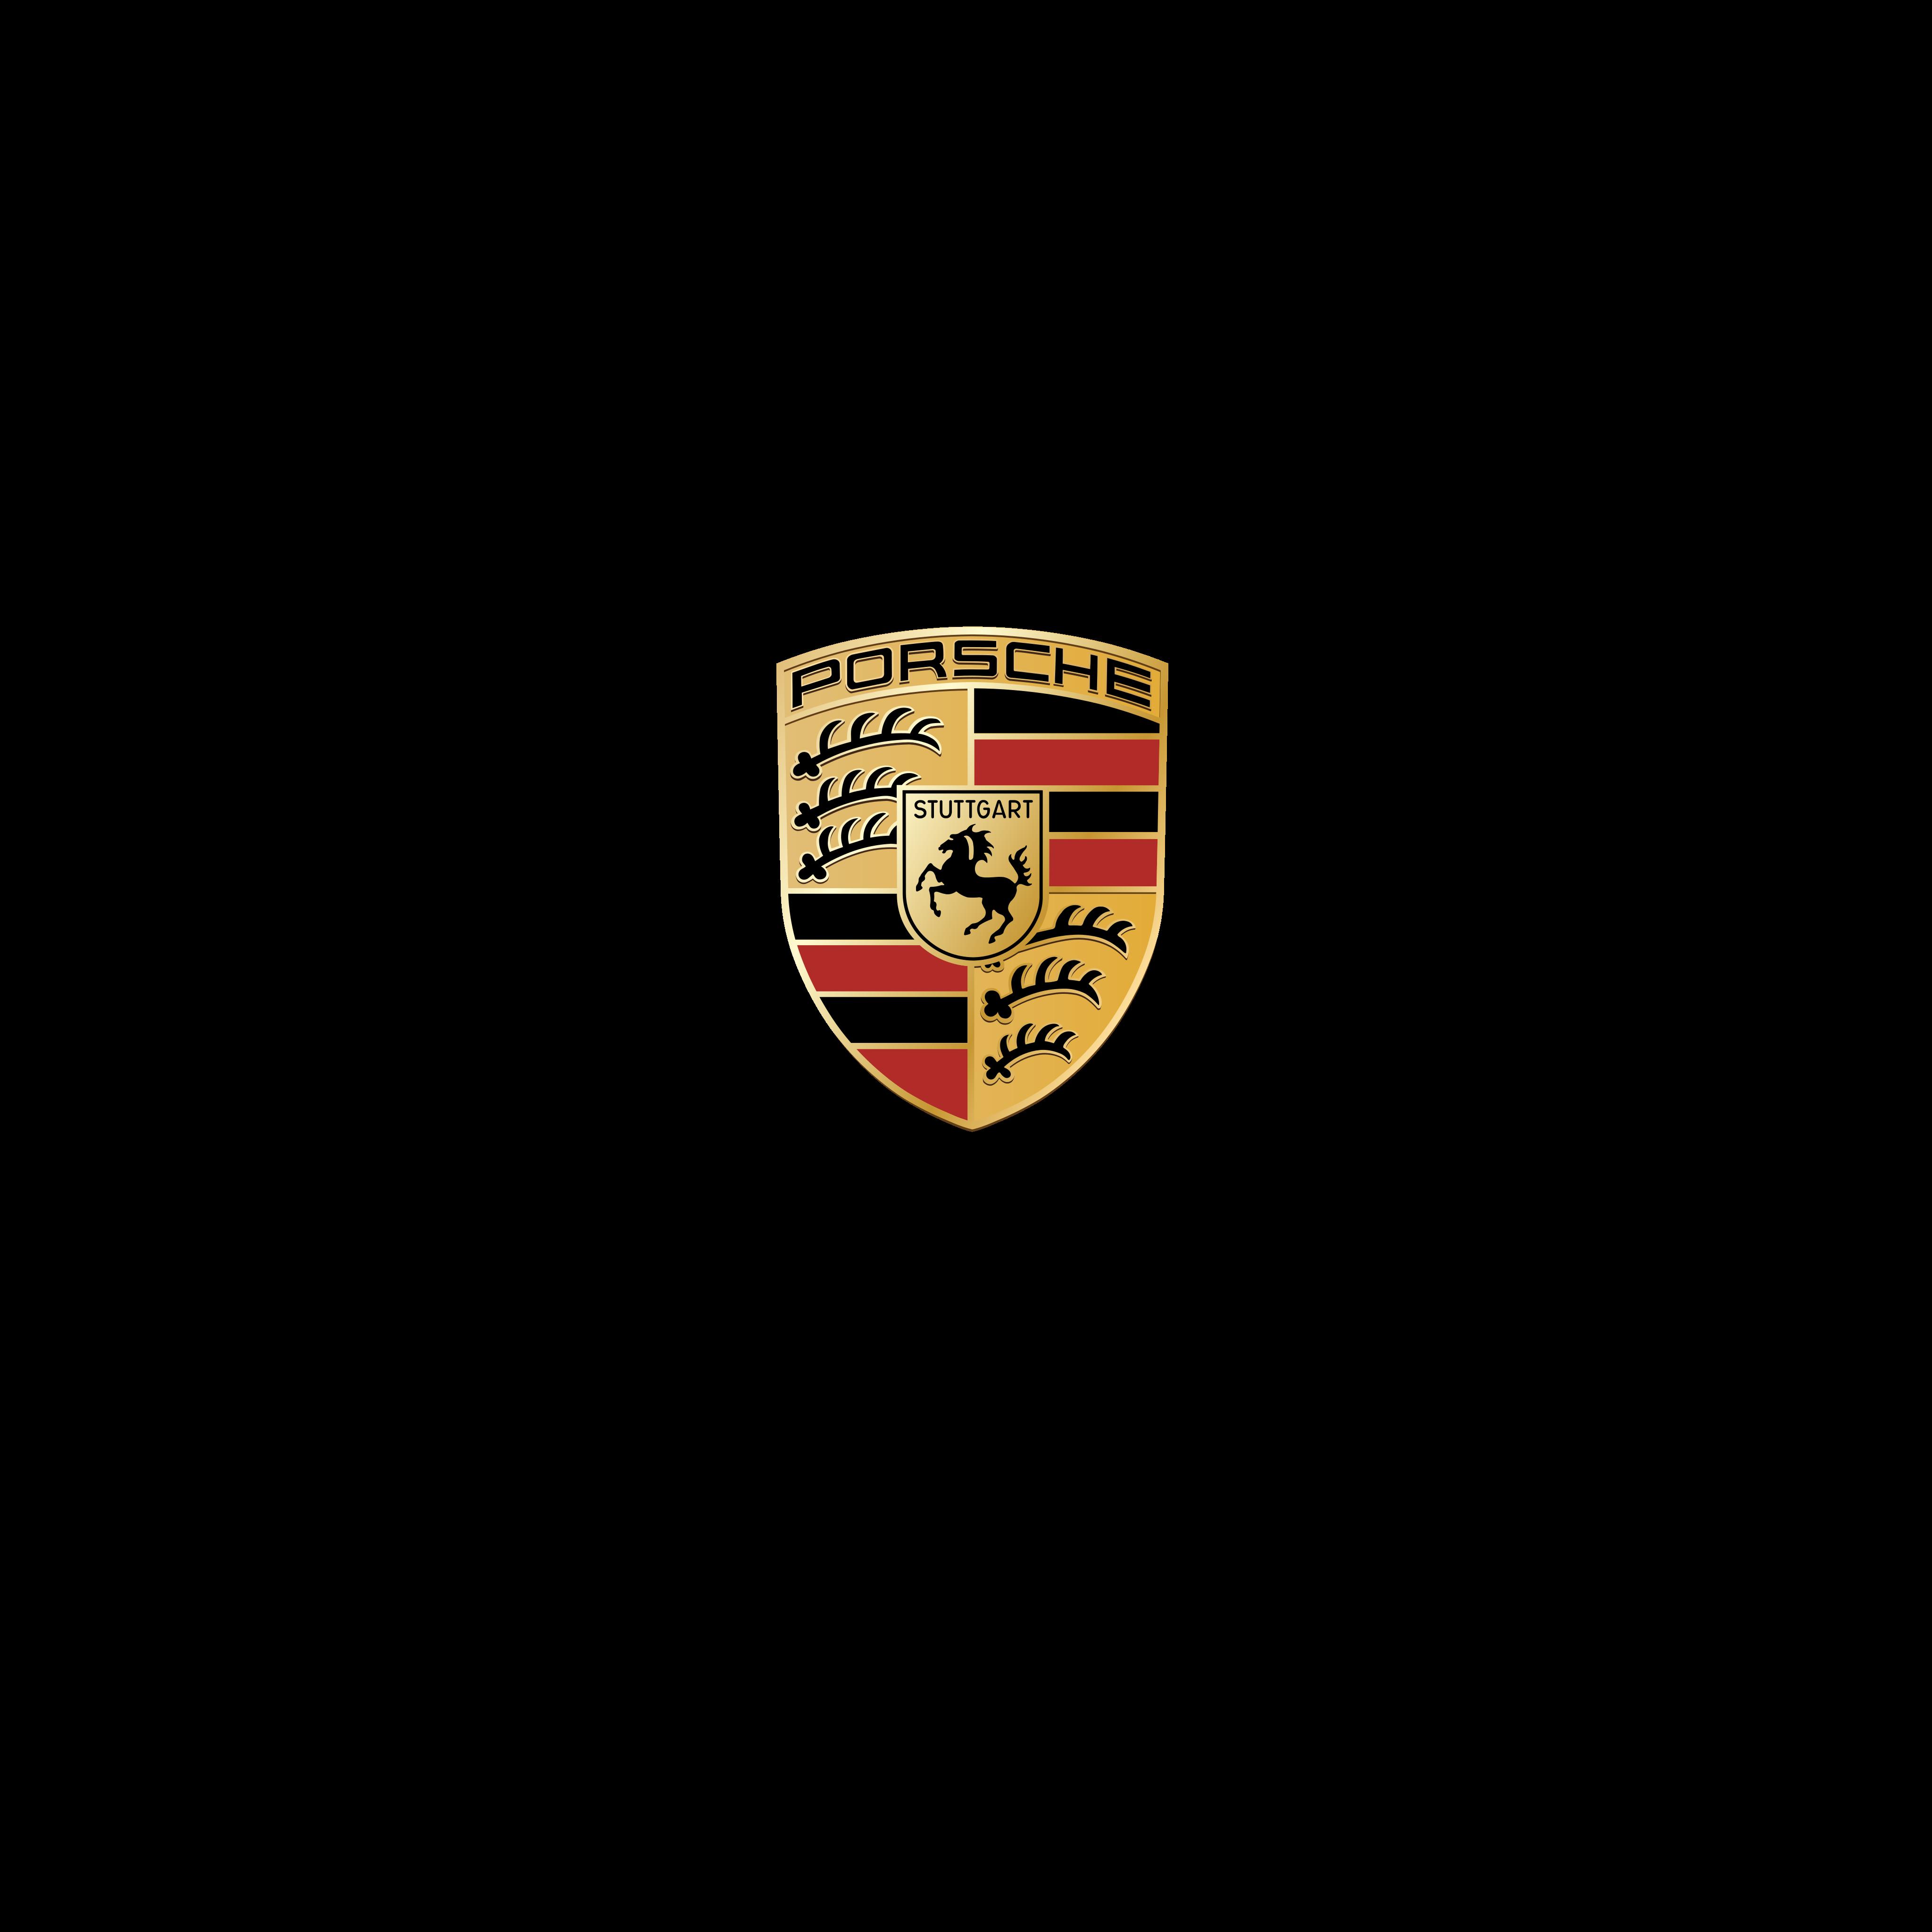 porsche logo 0 - Porsche Logo